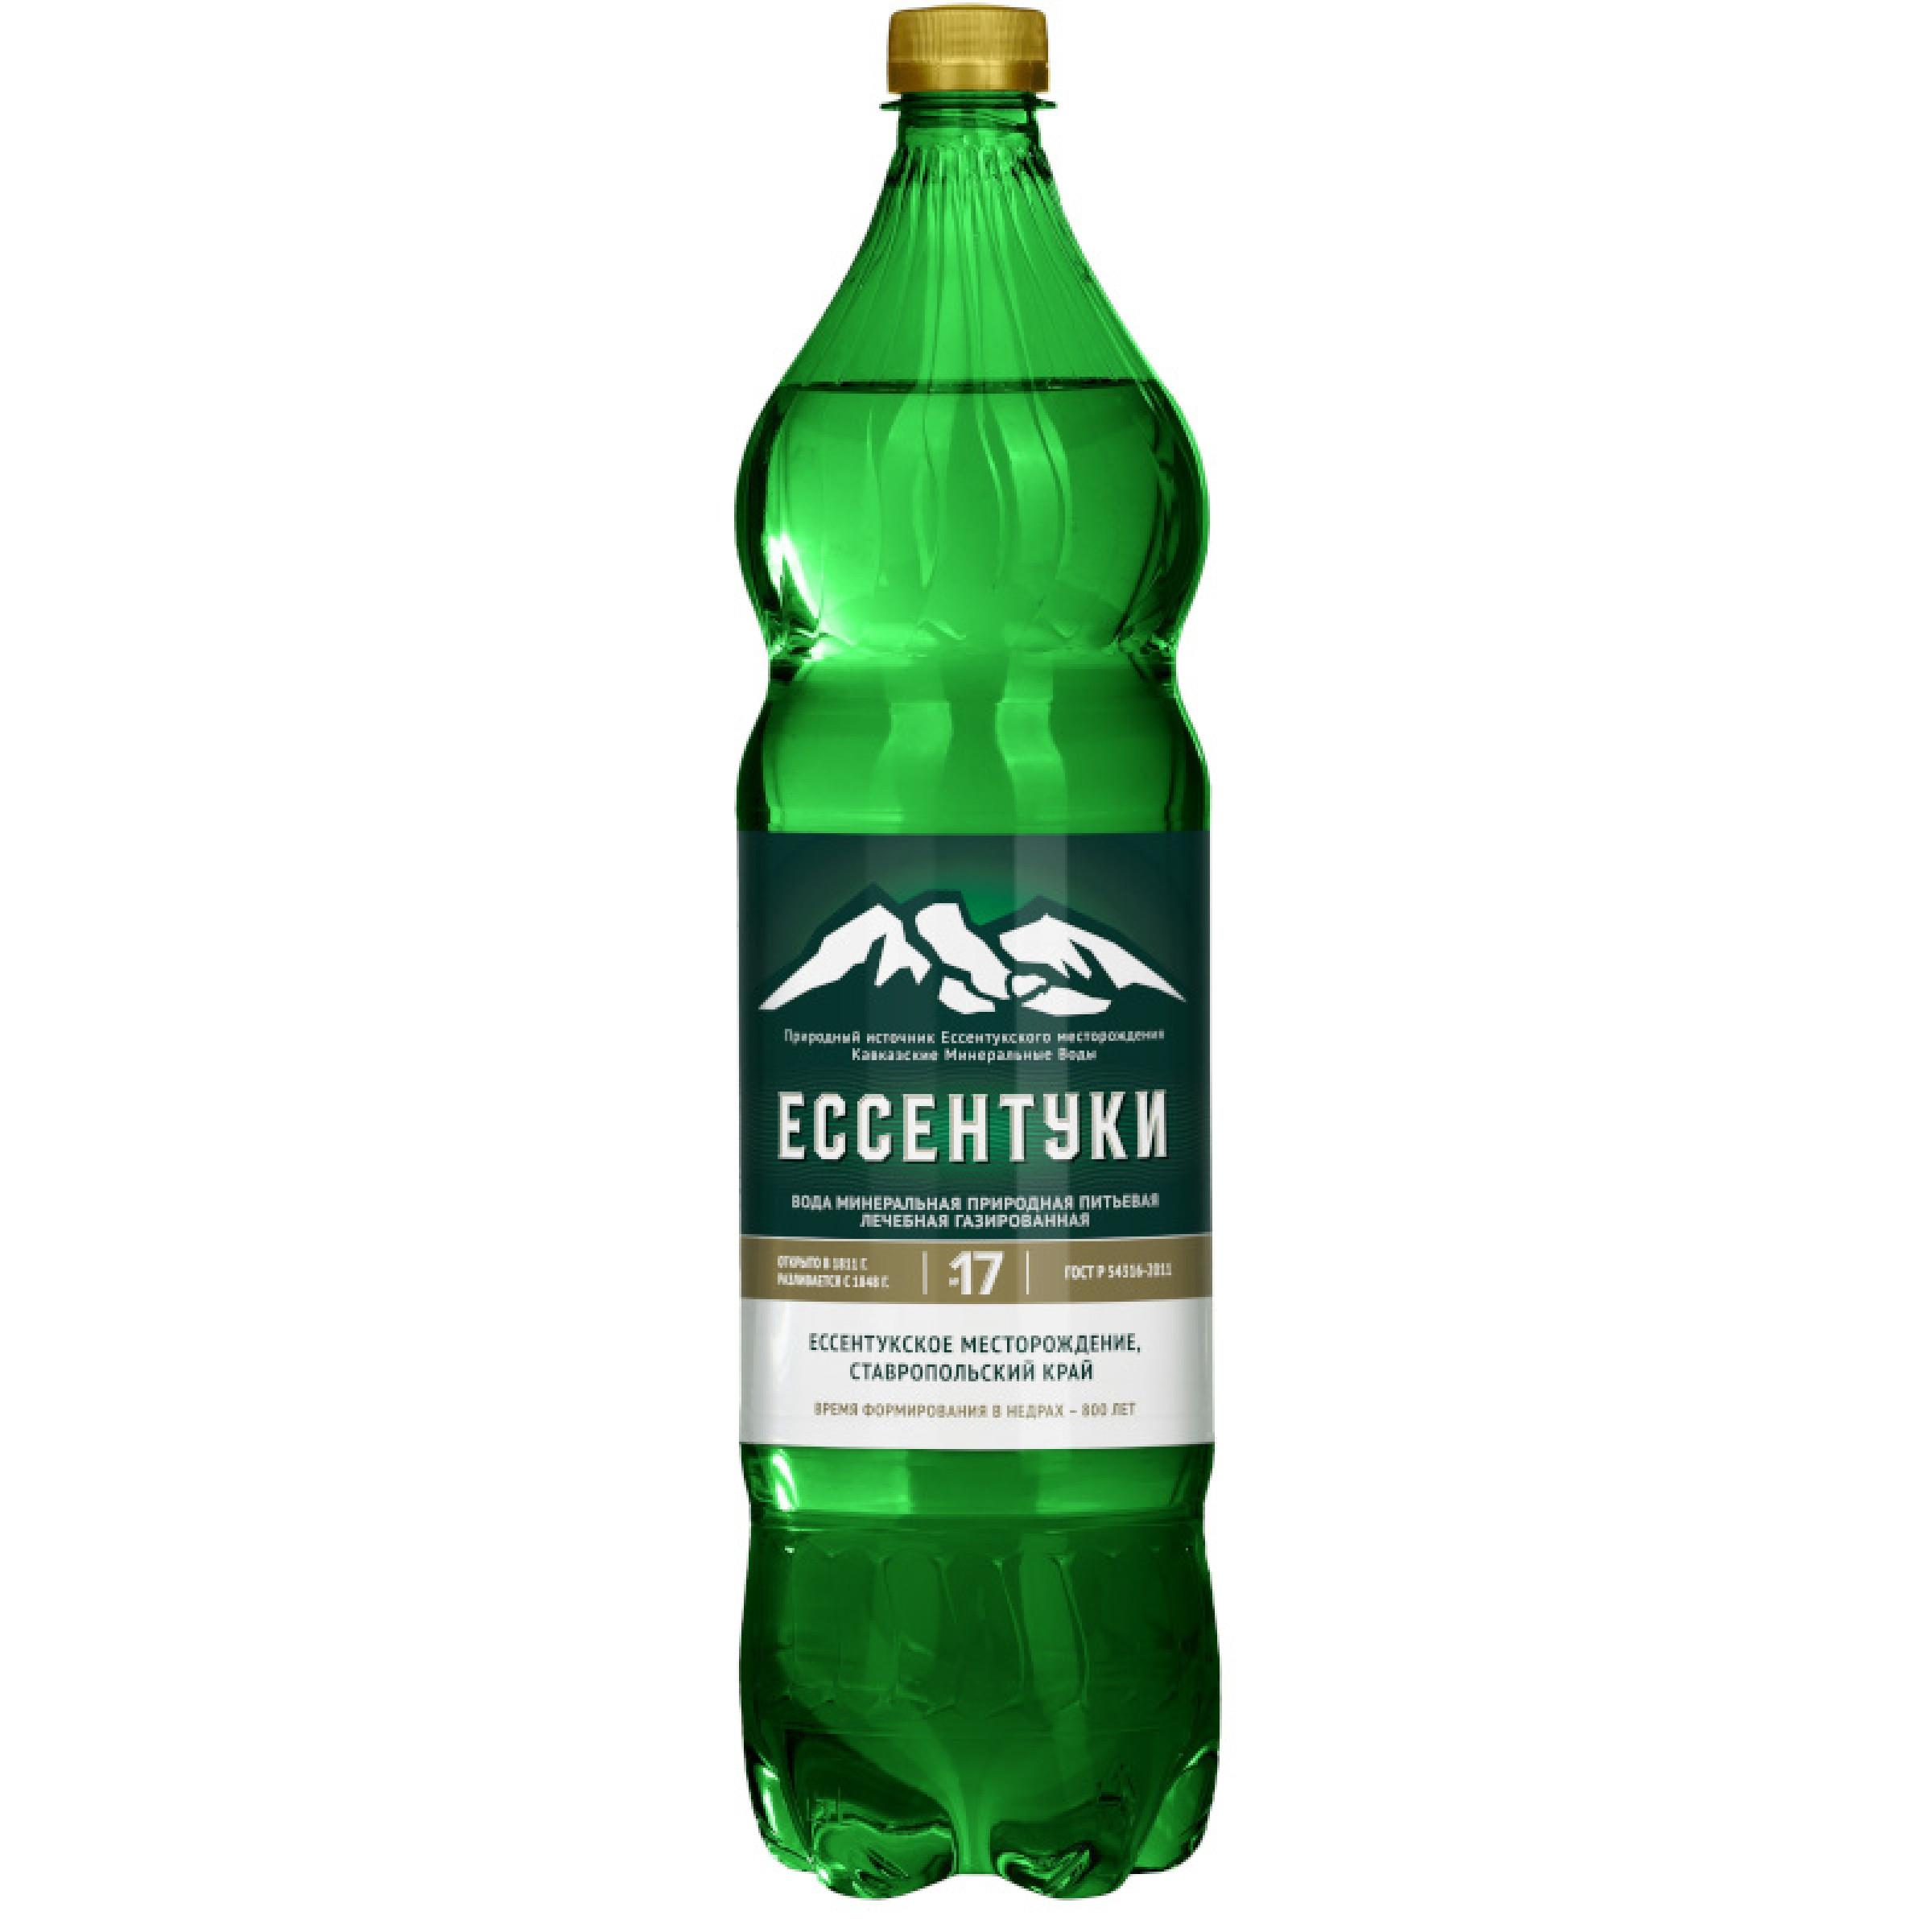 Вода минеральная газированная Ессентуки №17, 1, 5 л